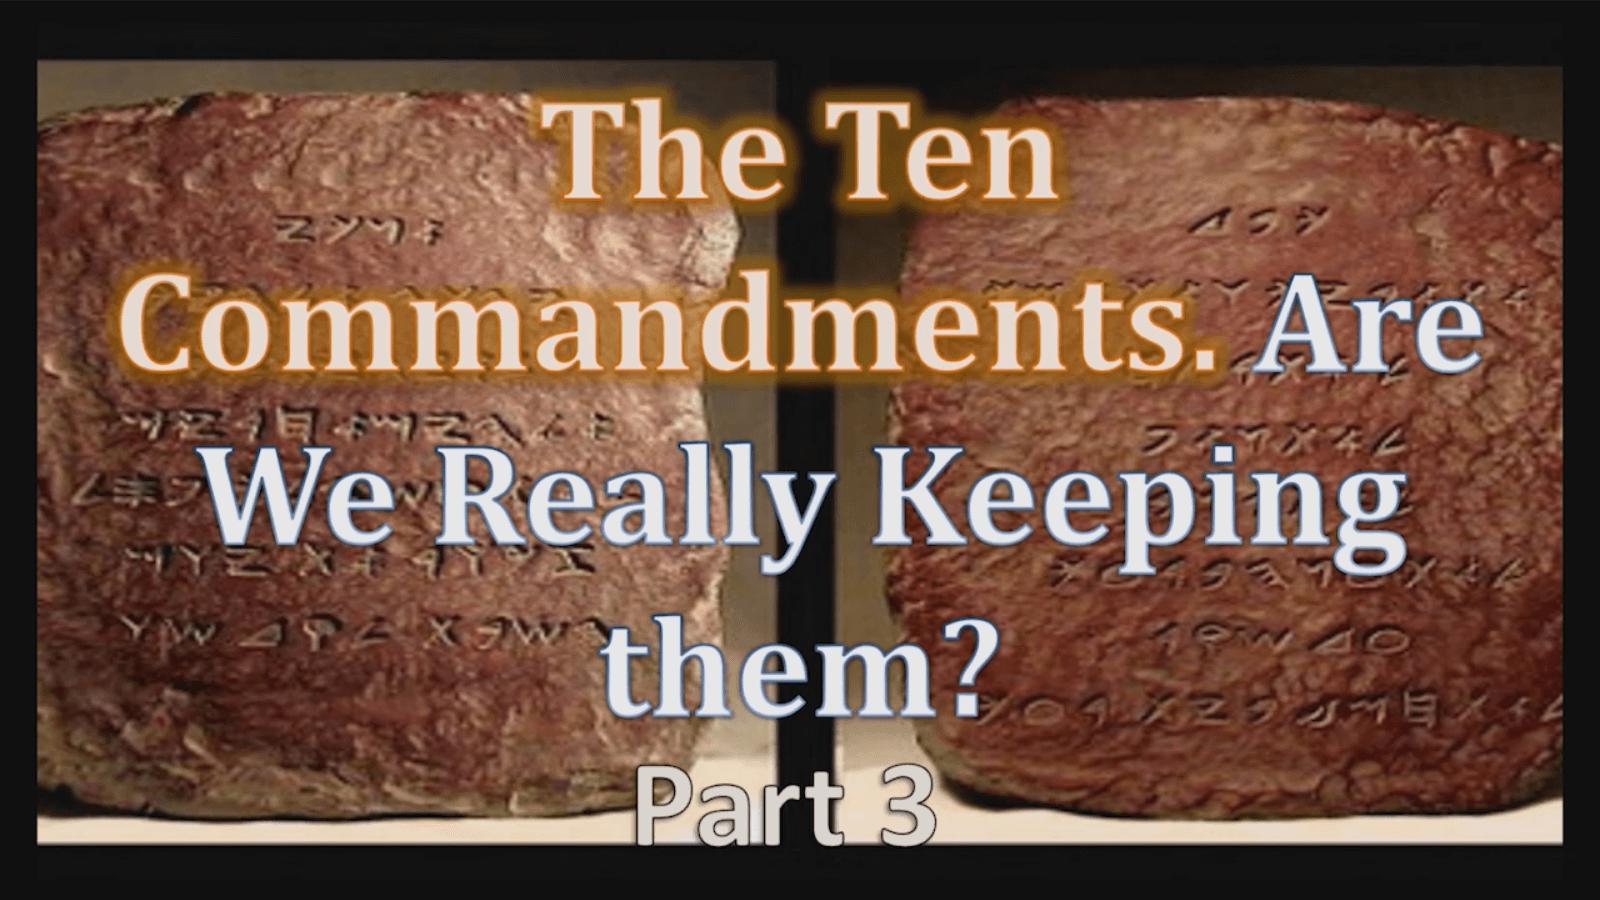 The Ten Commandments – Part 3